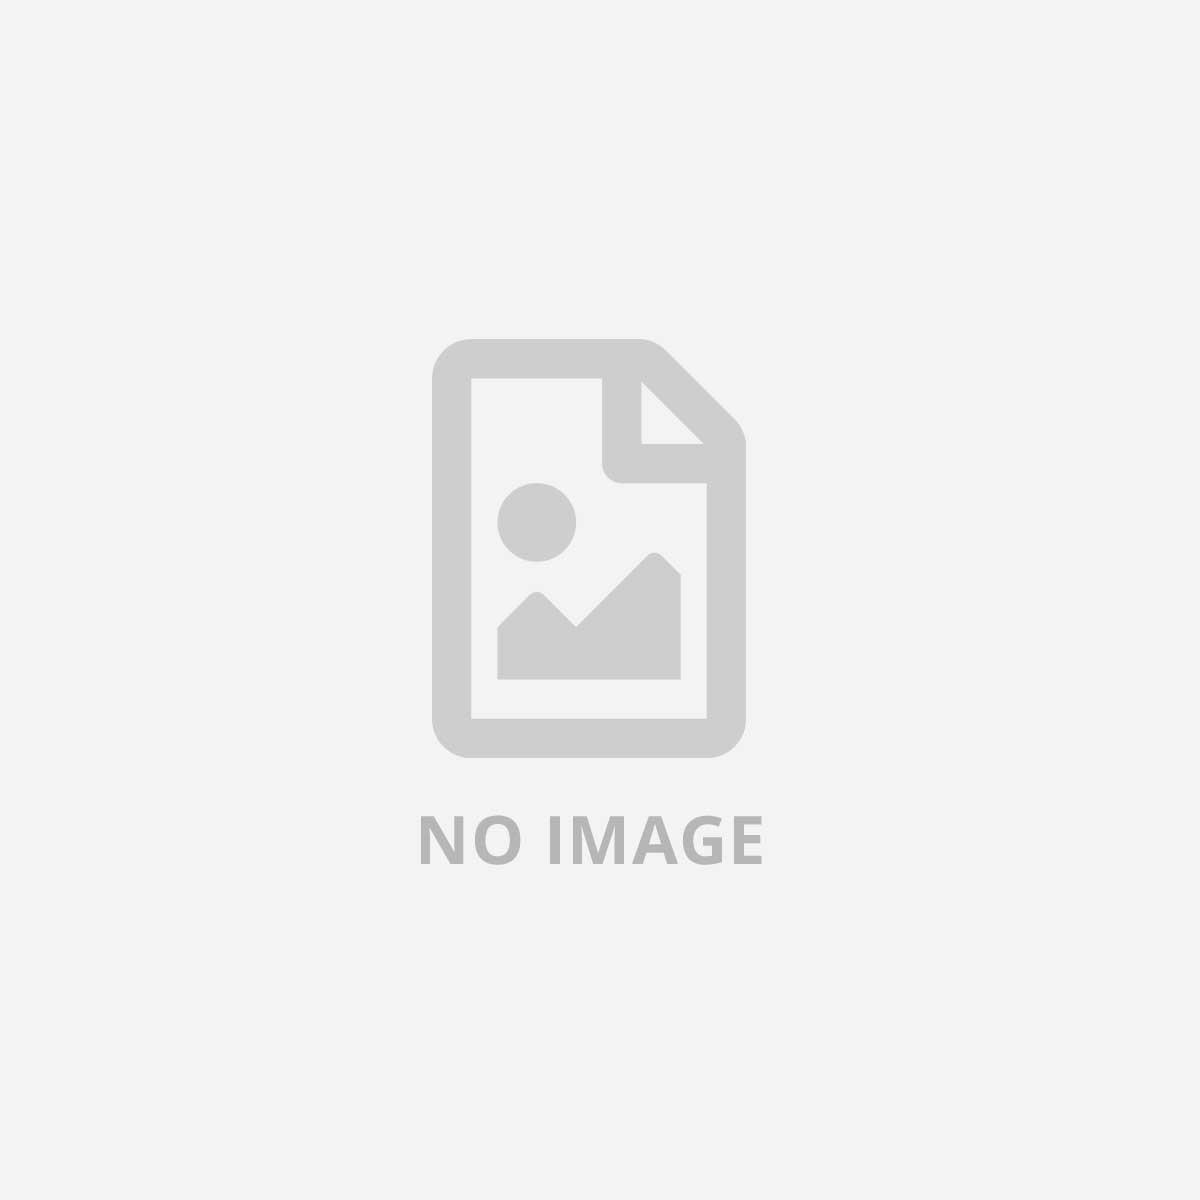 WESTERN DIGITAL WD BLUE HDD 500GB  2 5 (MB)